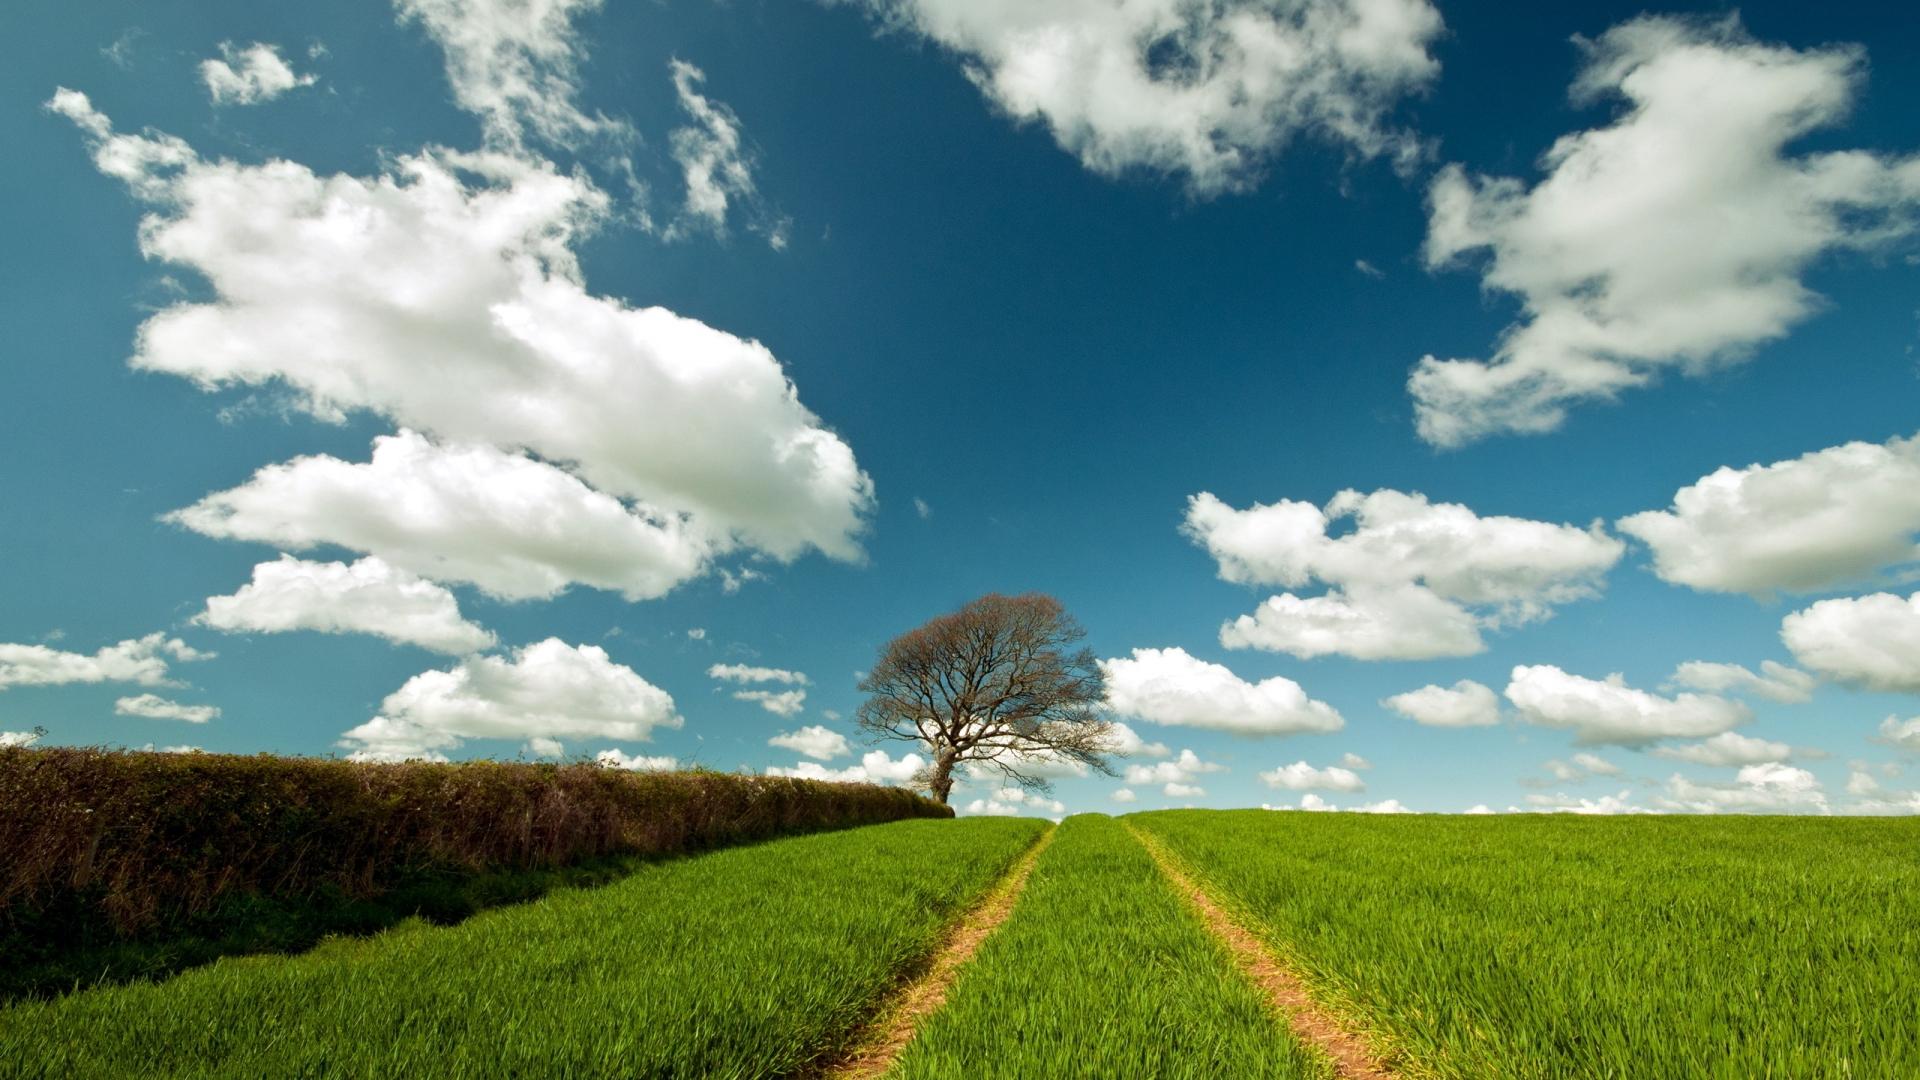 Landscape HD Wallpapers 1080p  WallpaperSafari